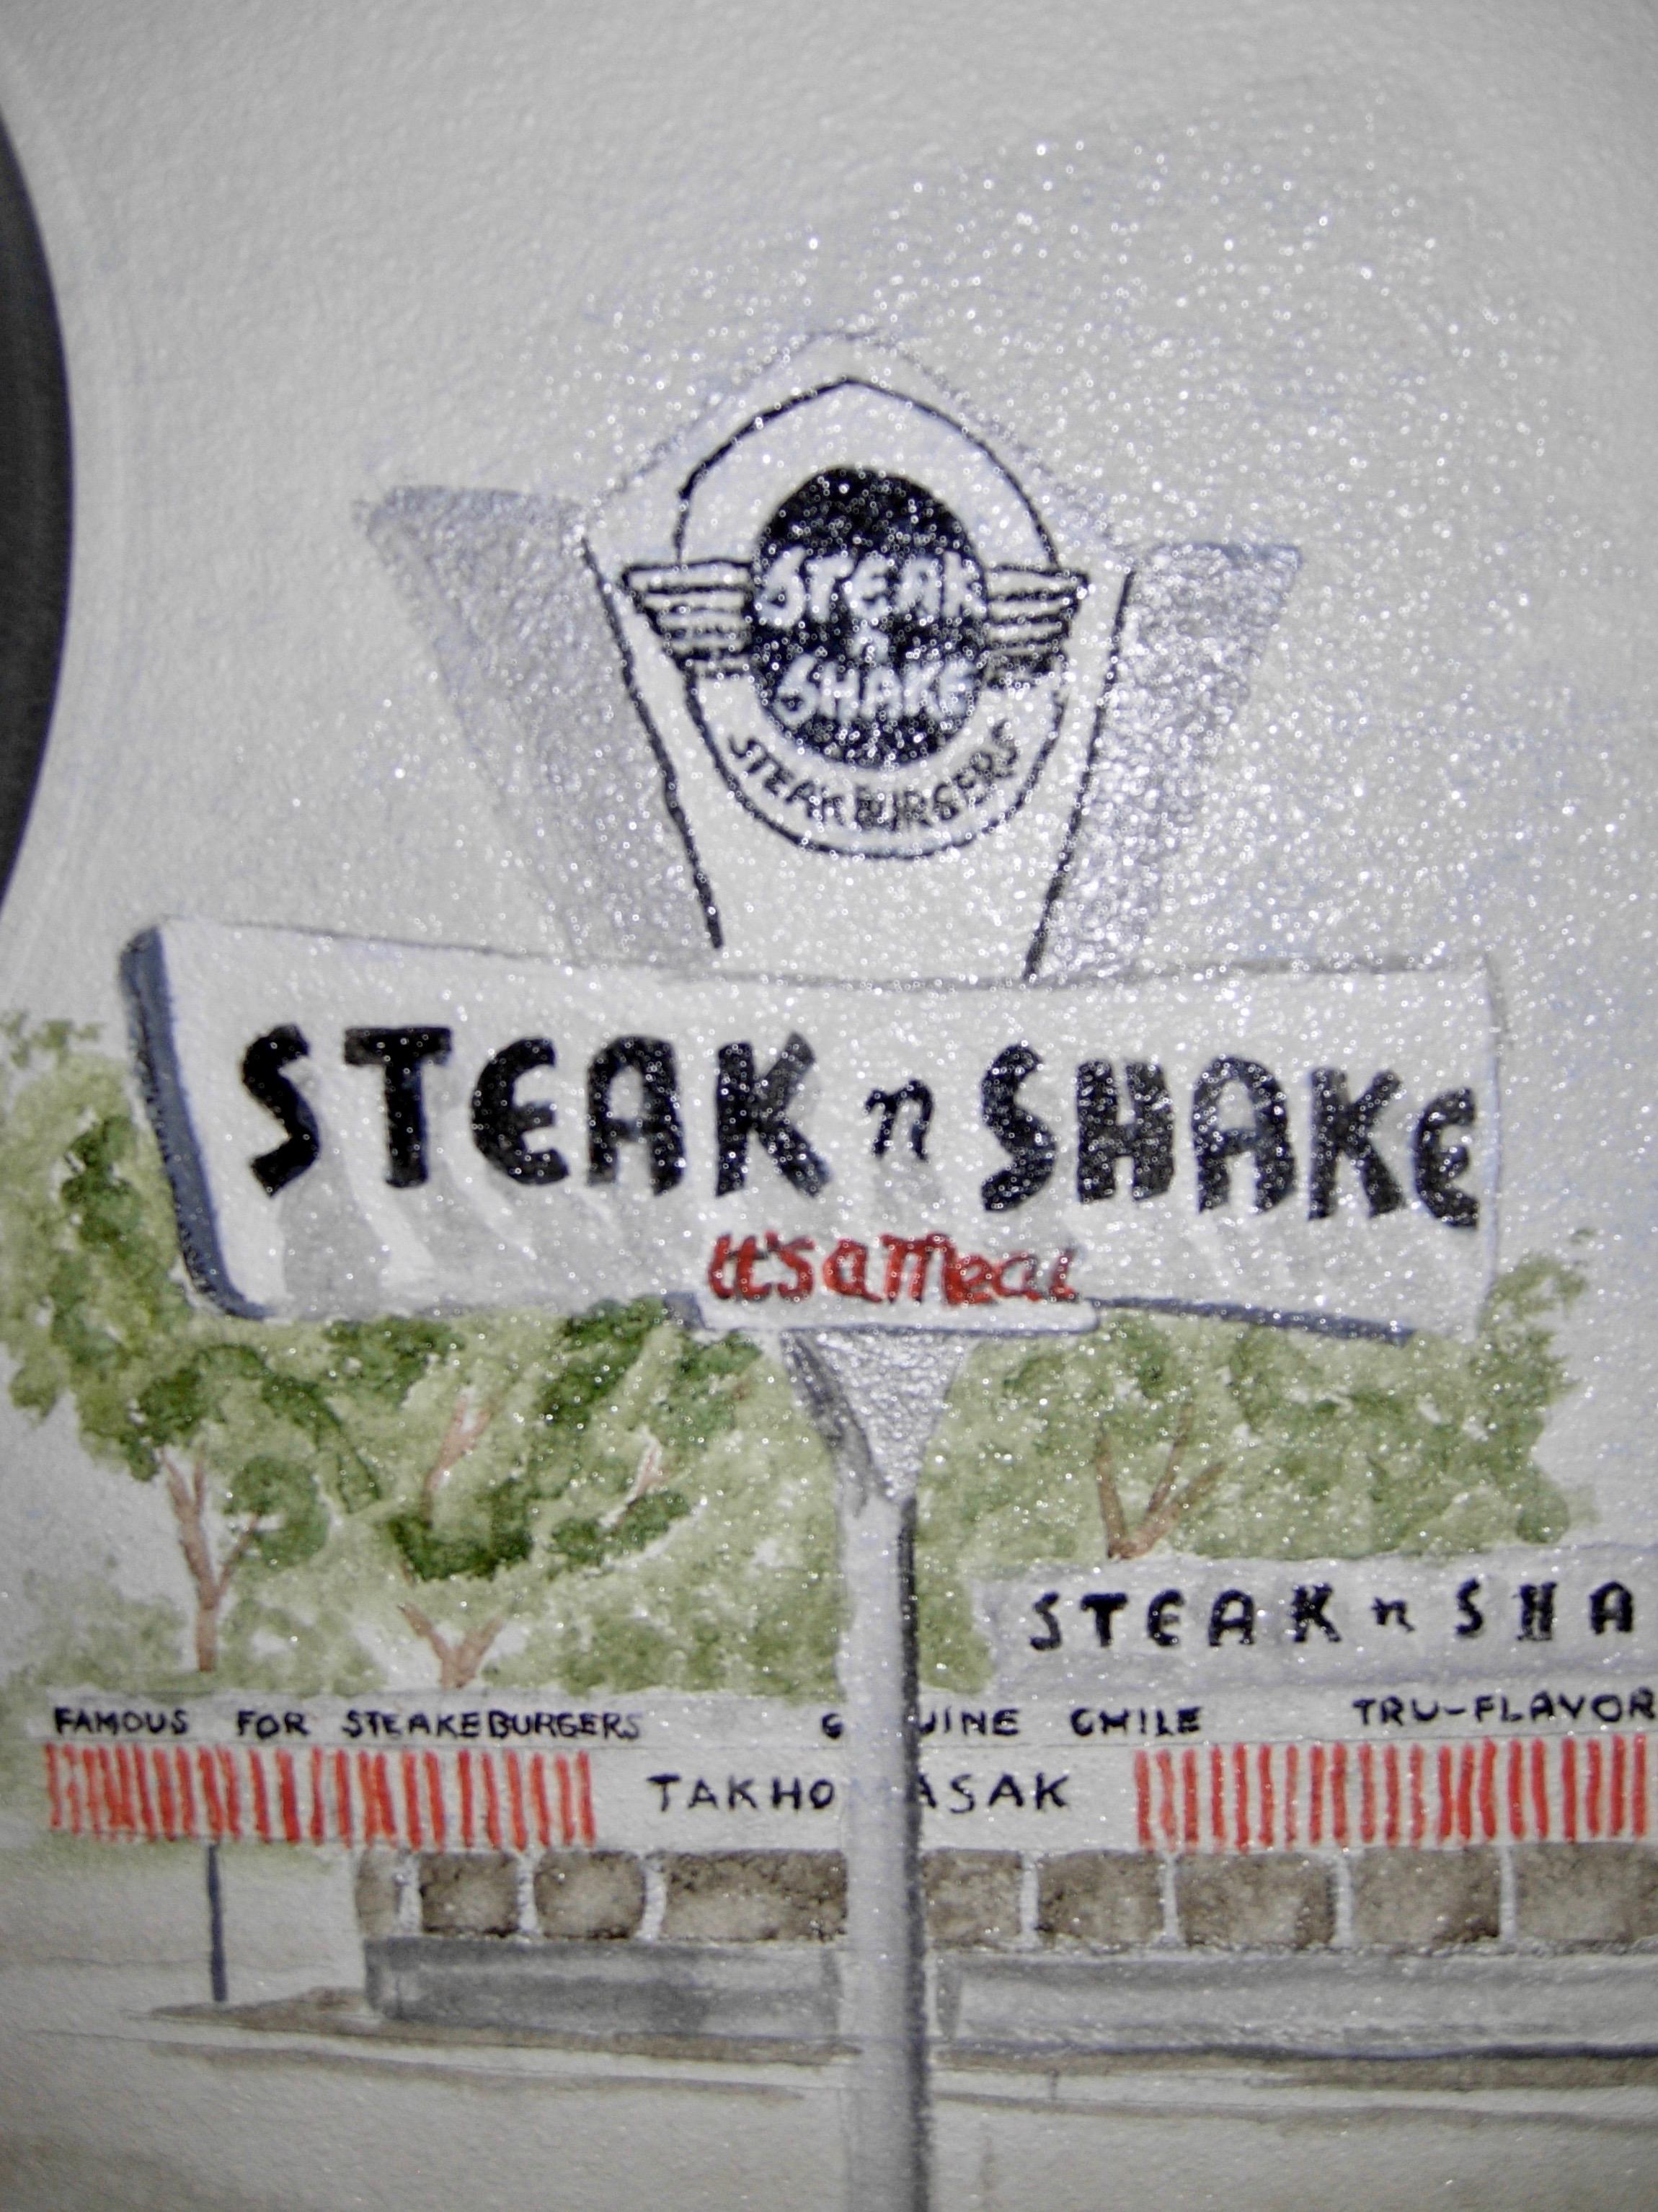 Steak & Shake